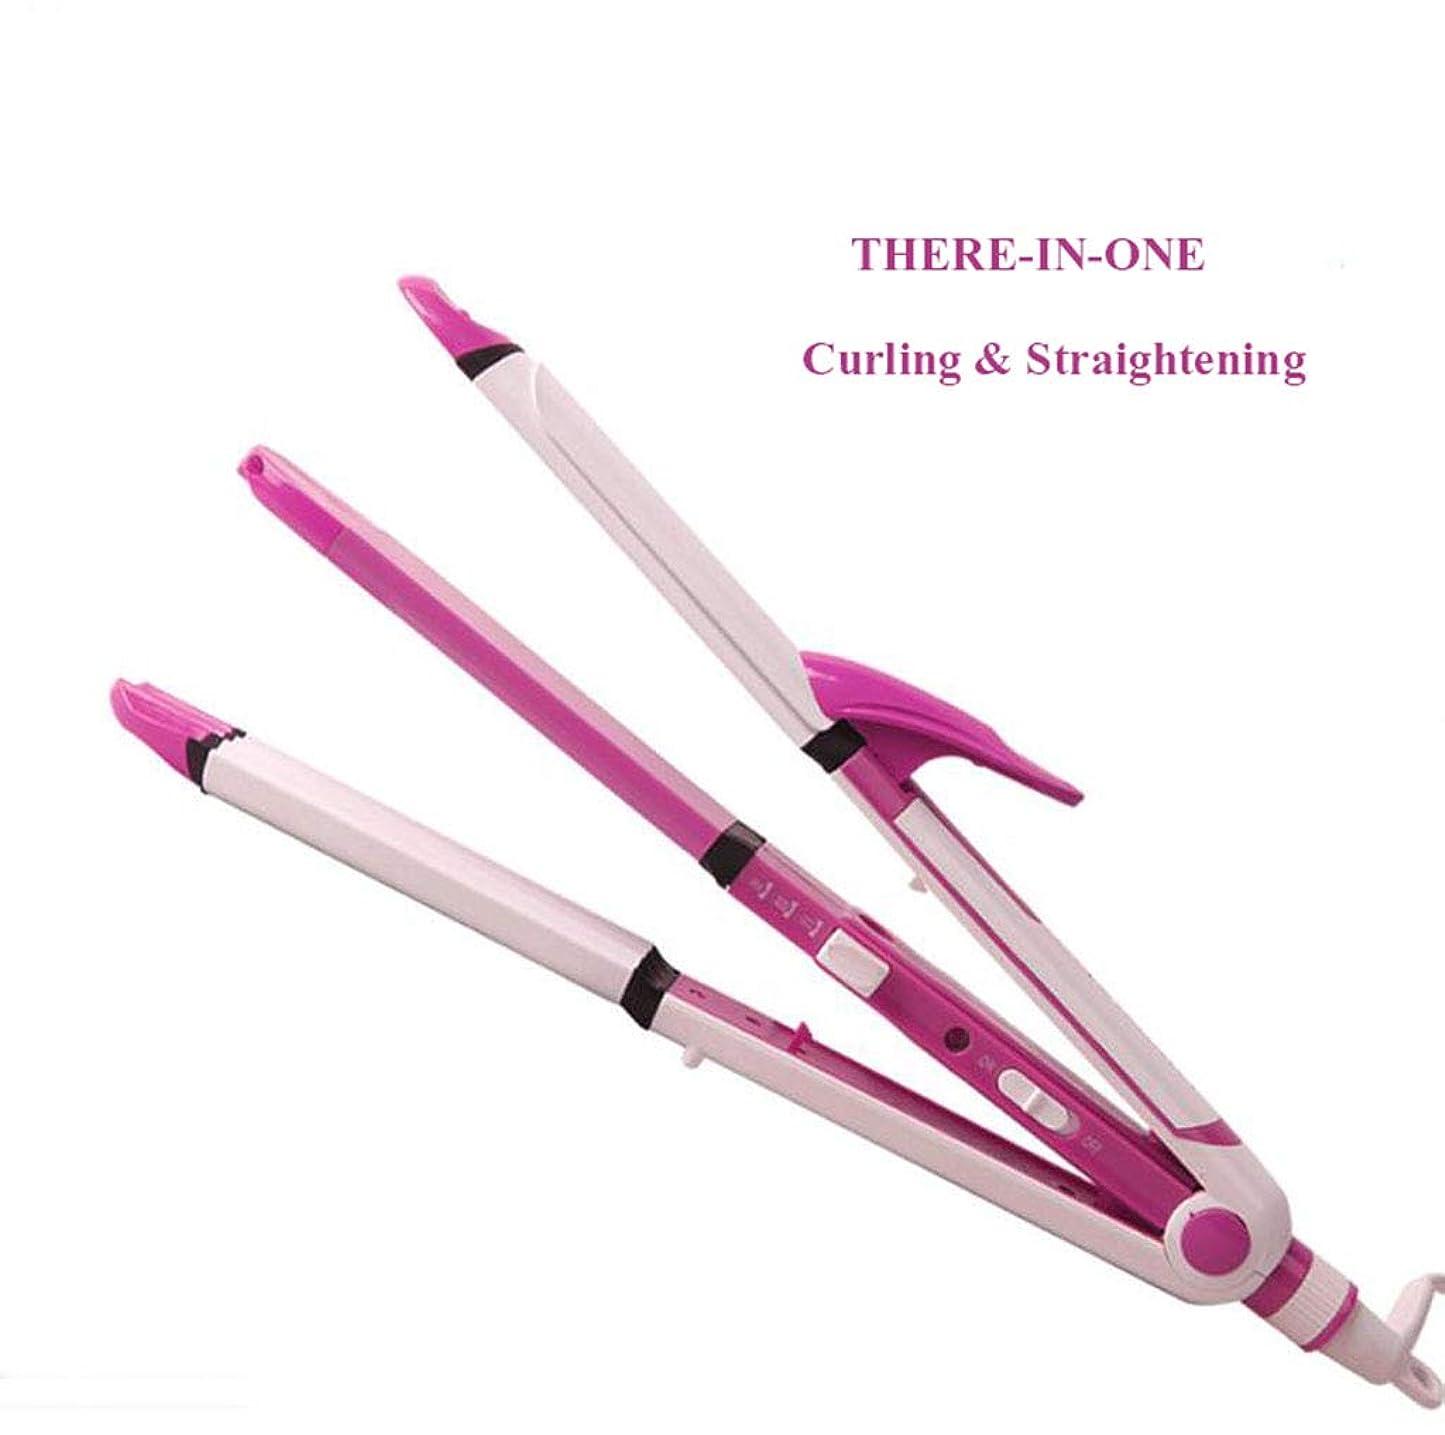 証明期限リー1つのヘアストレイテナーカーラーセラミックヘアストレートカールアイアンヘアスタイリングウェービングツール